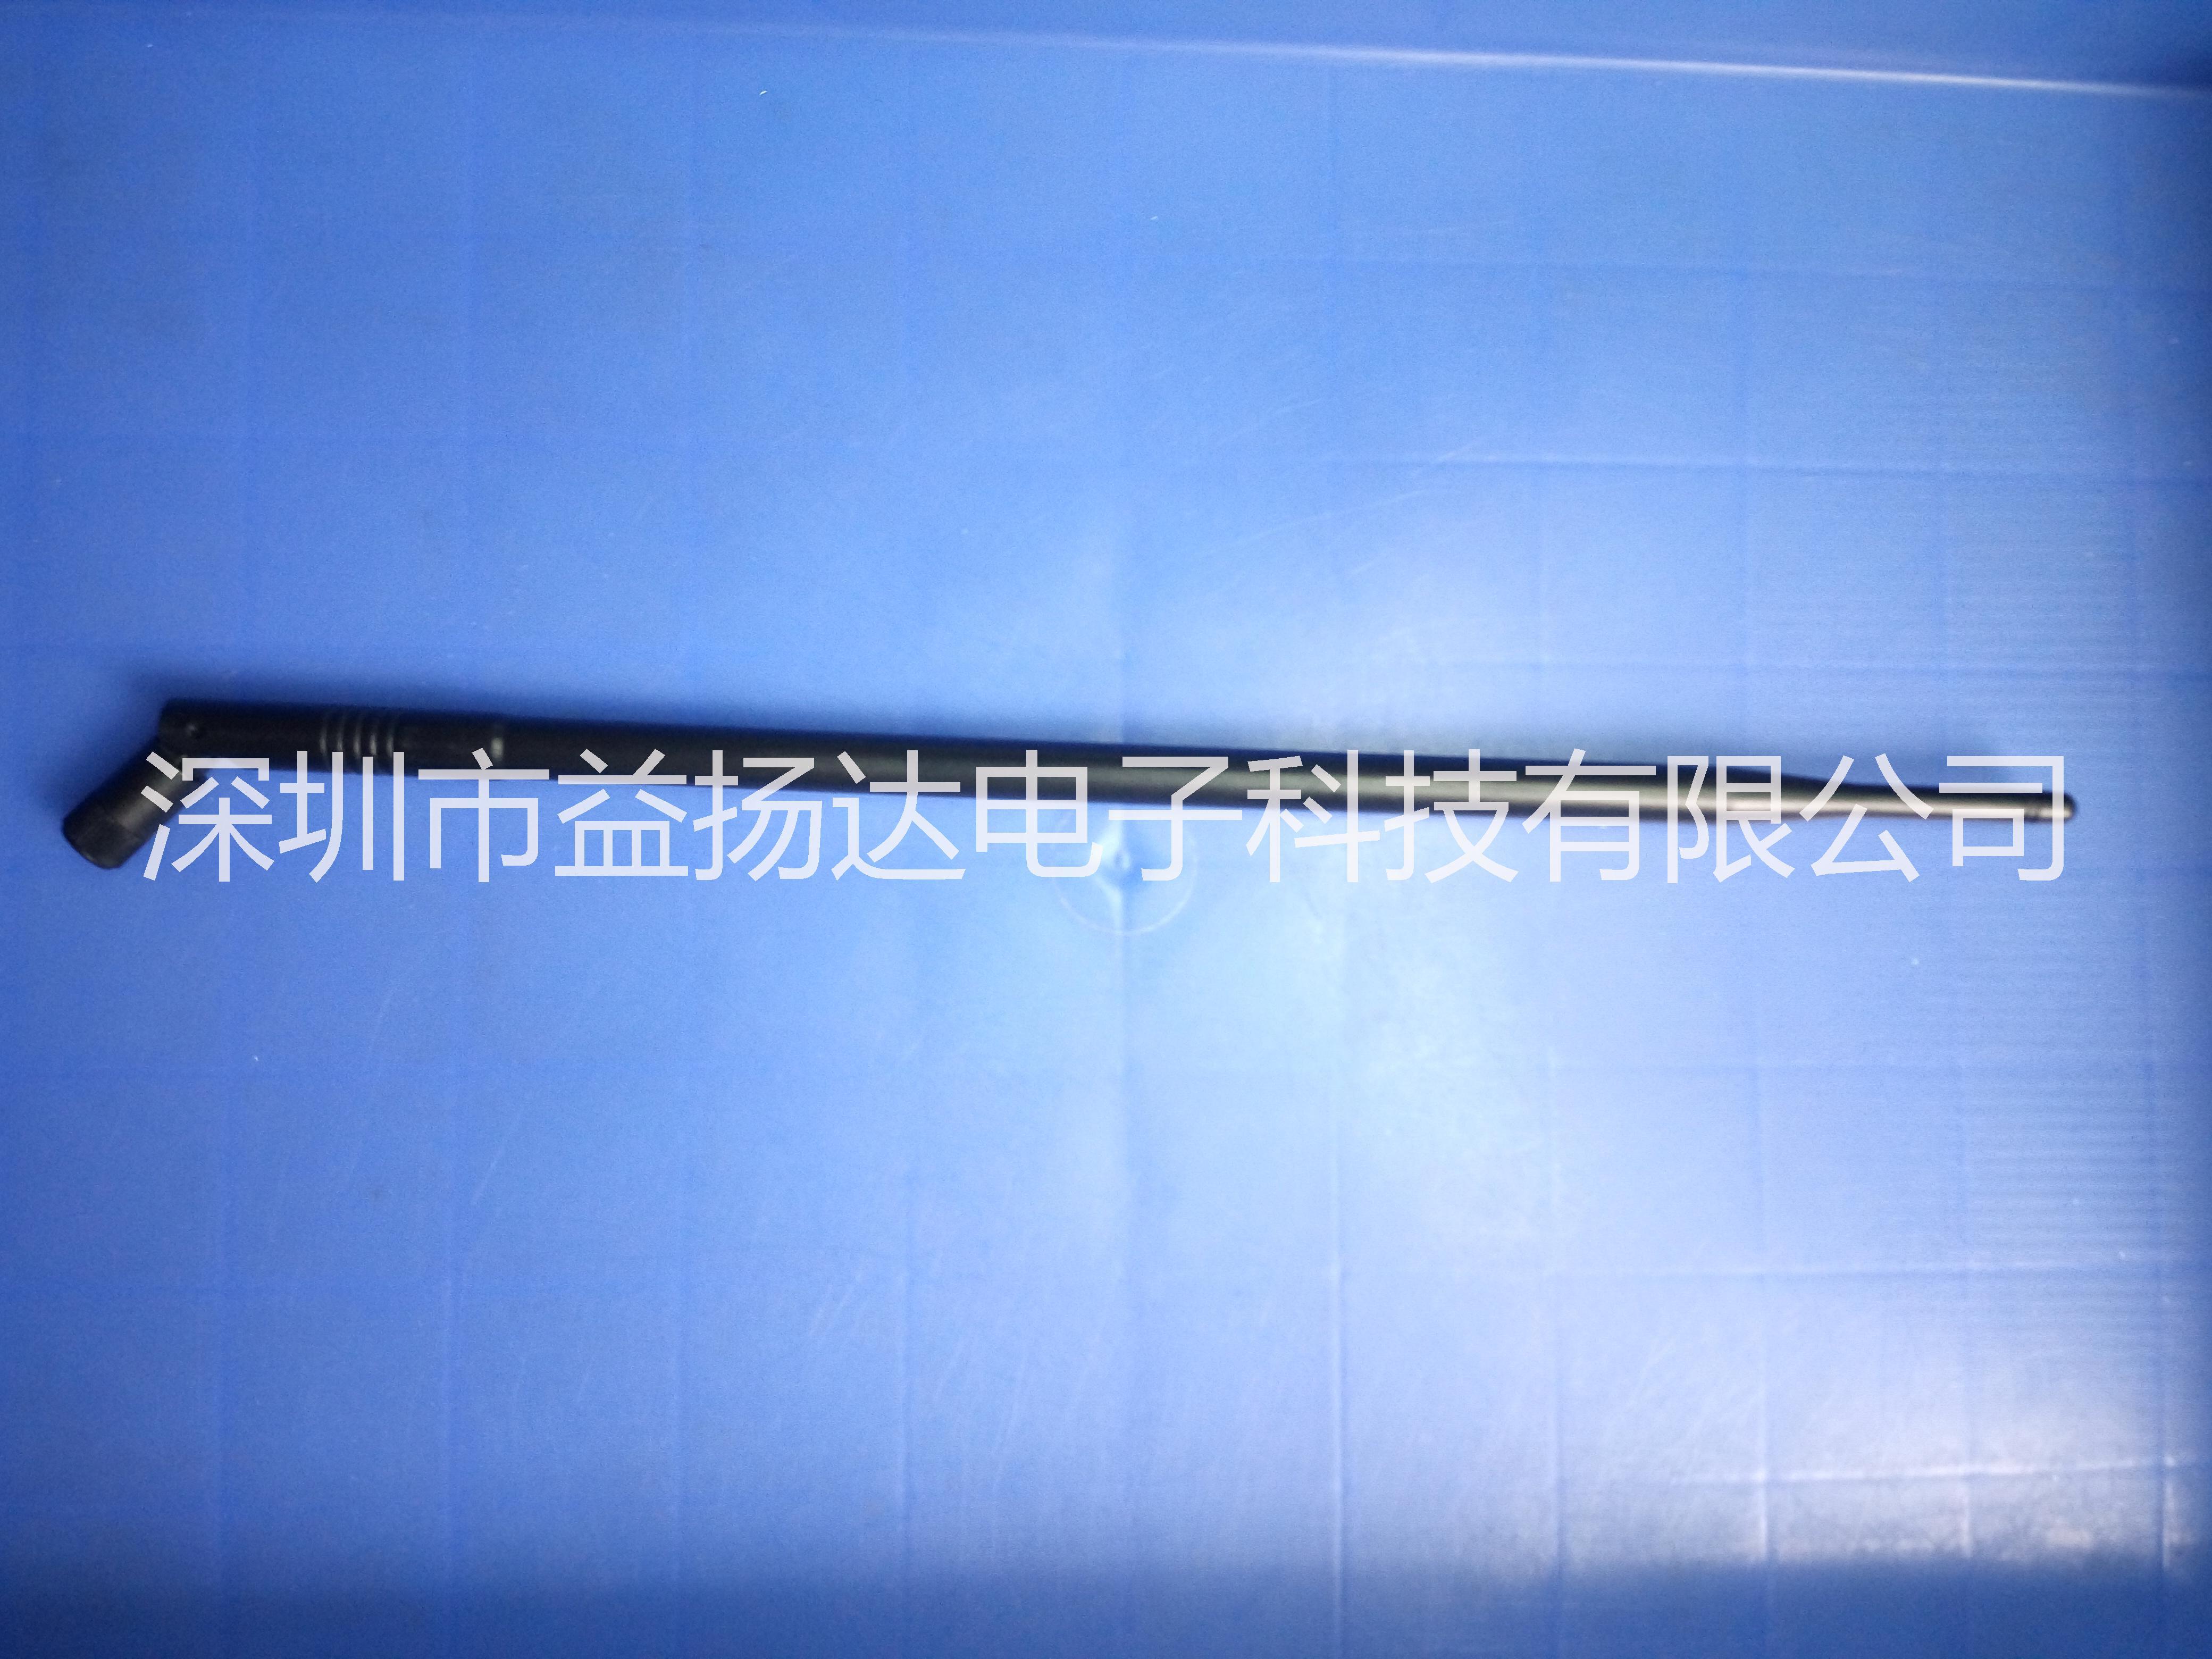 10DB 2.4G 10DBI高增益天线2.4G天线 无线路由器天线 10DBI高增益天线